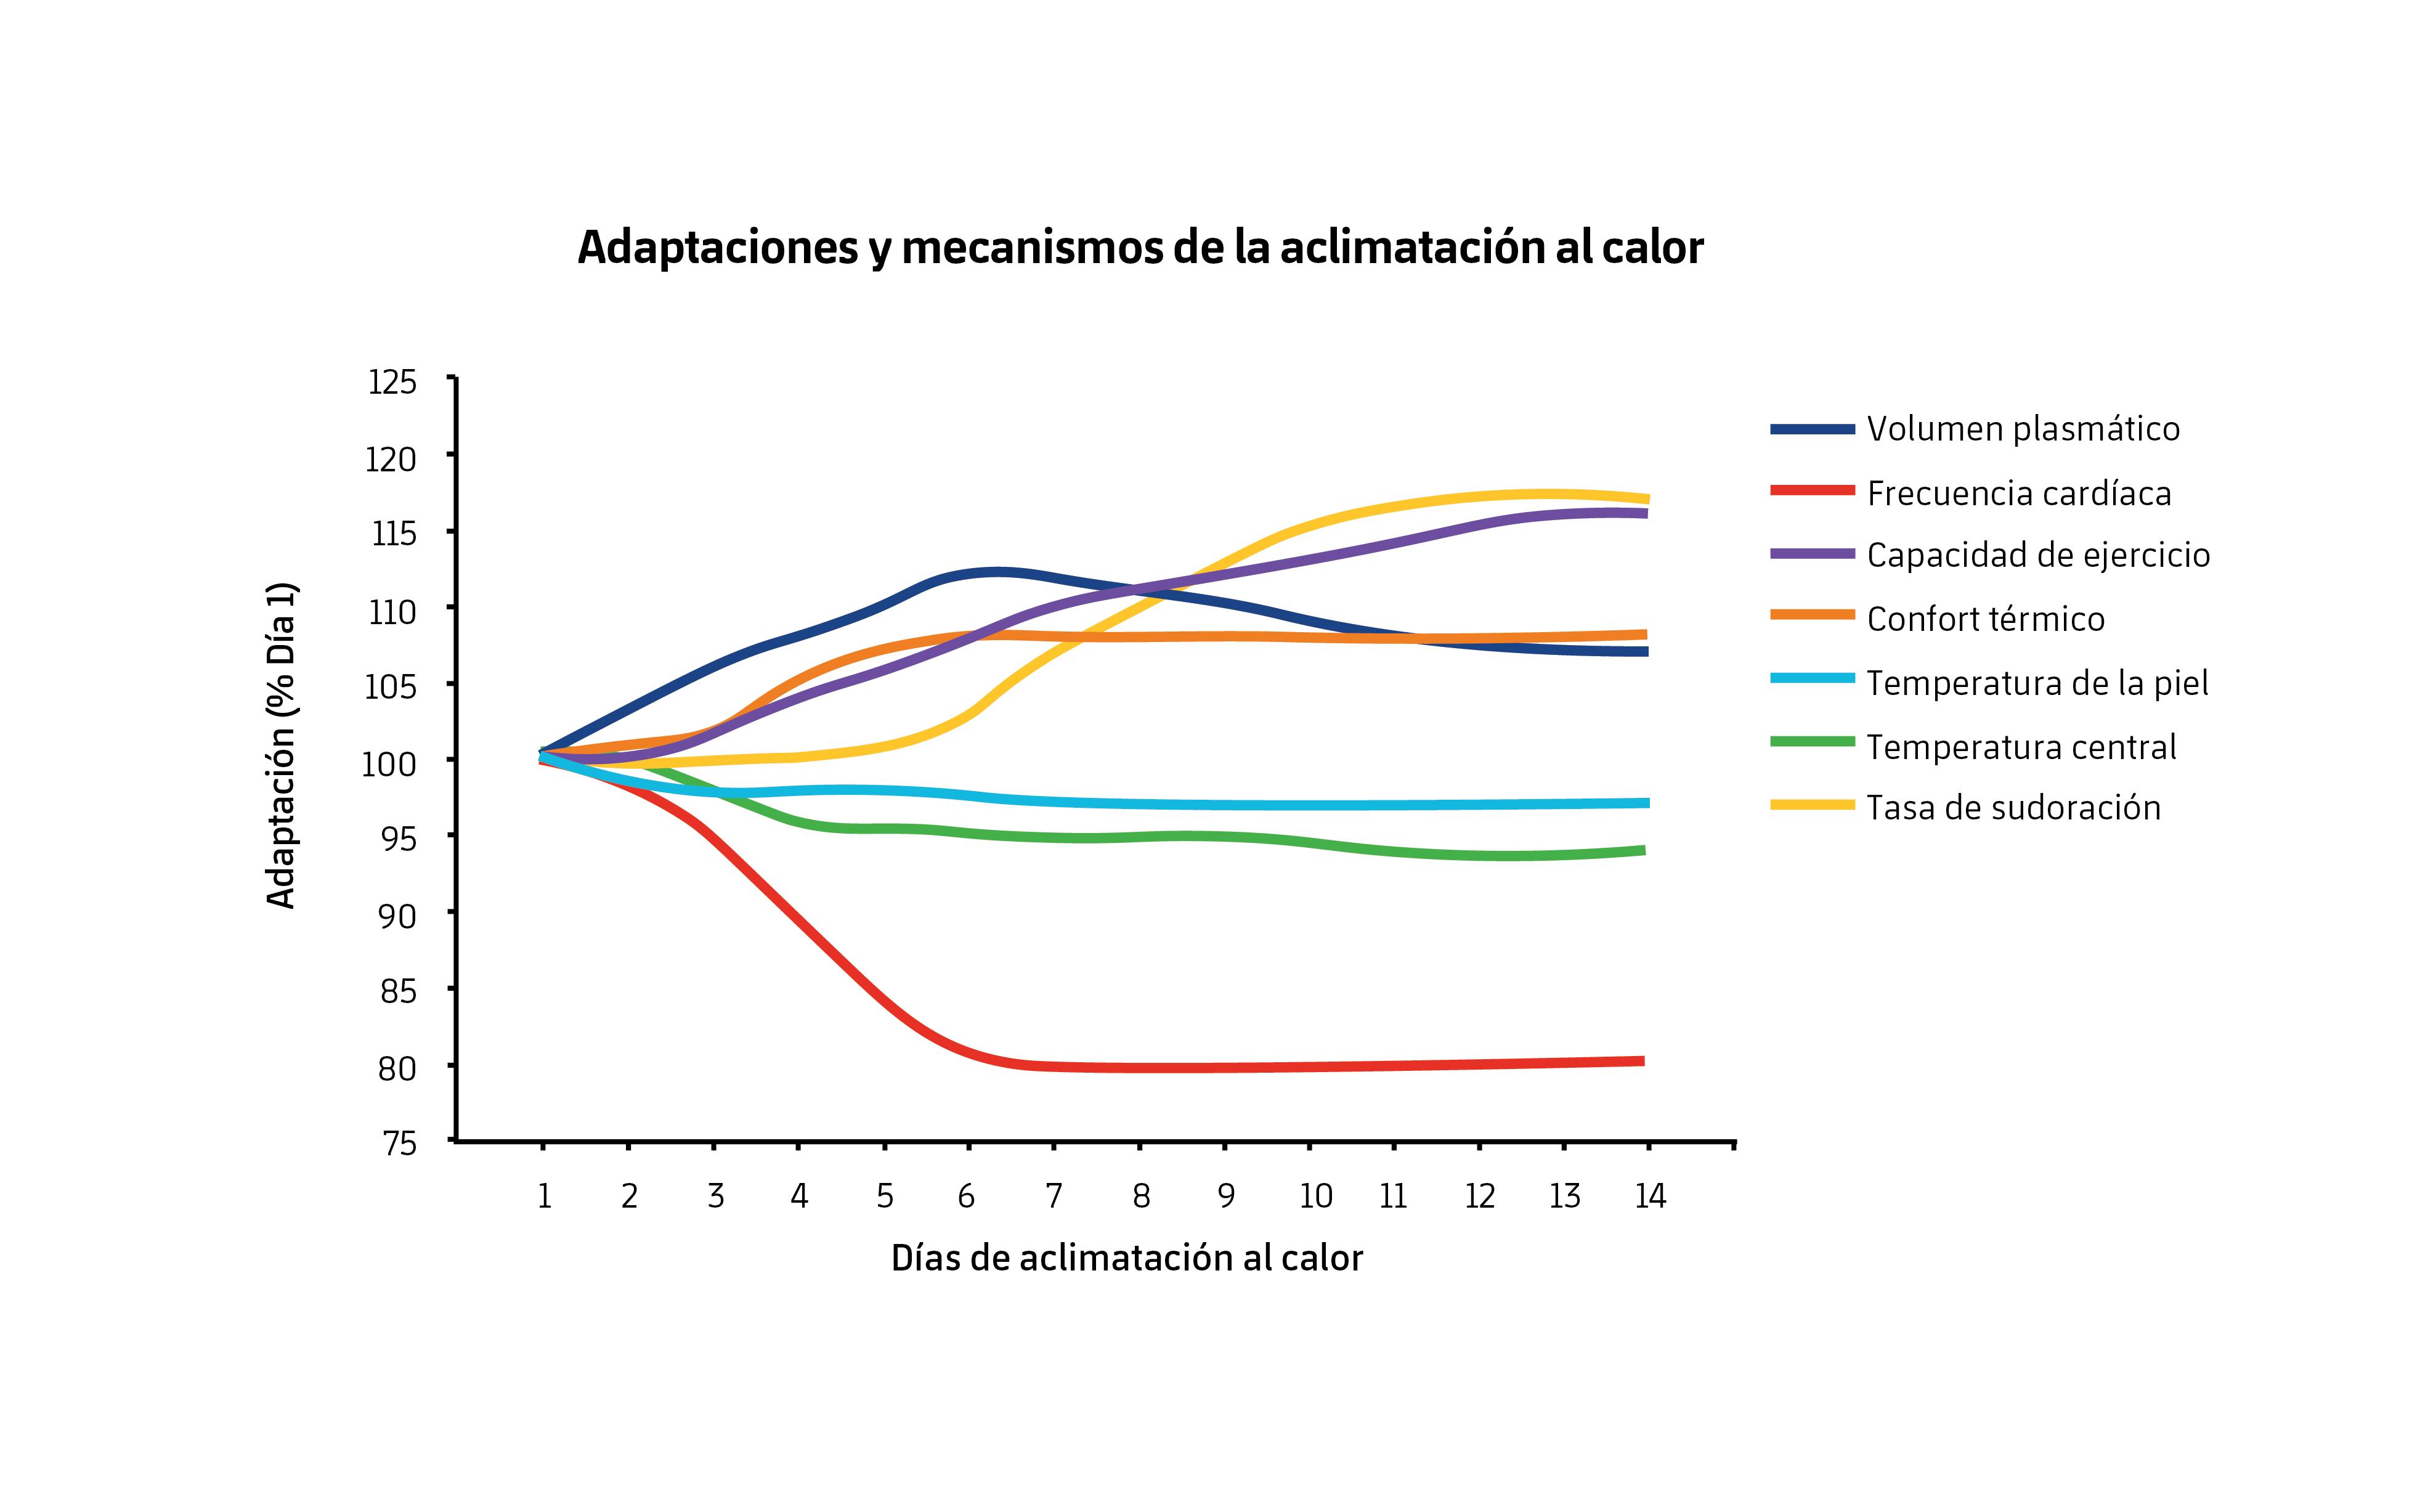 Figura 1. Adaptaciones tras un periodo de aclimatación en calor. Modificado de Périard et al. (2015).